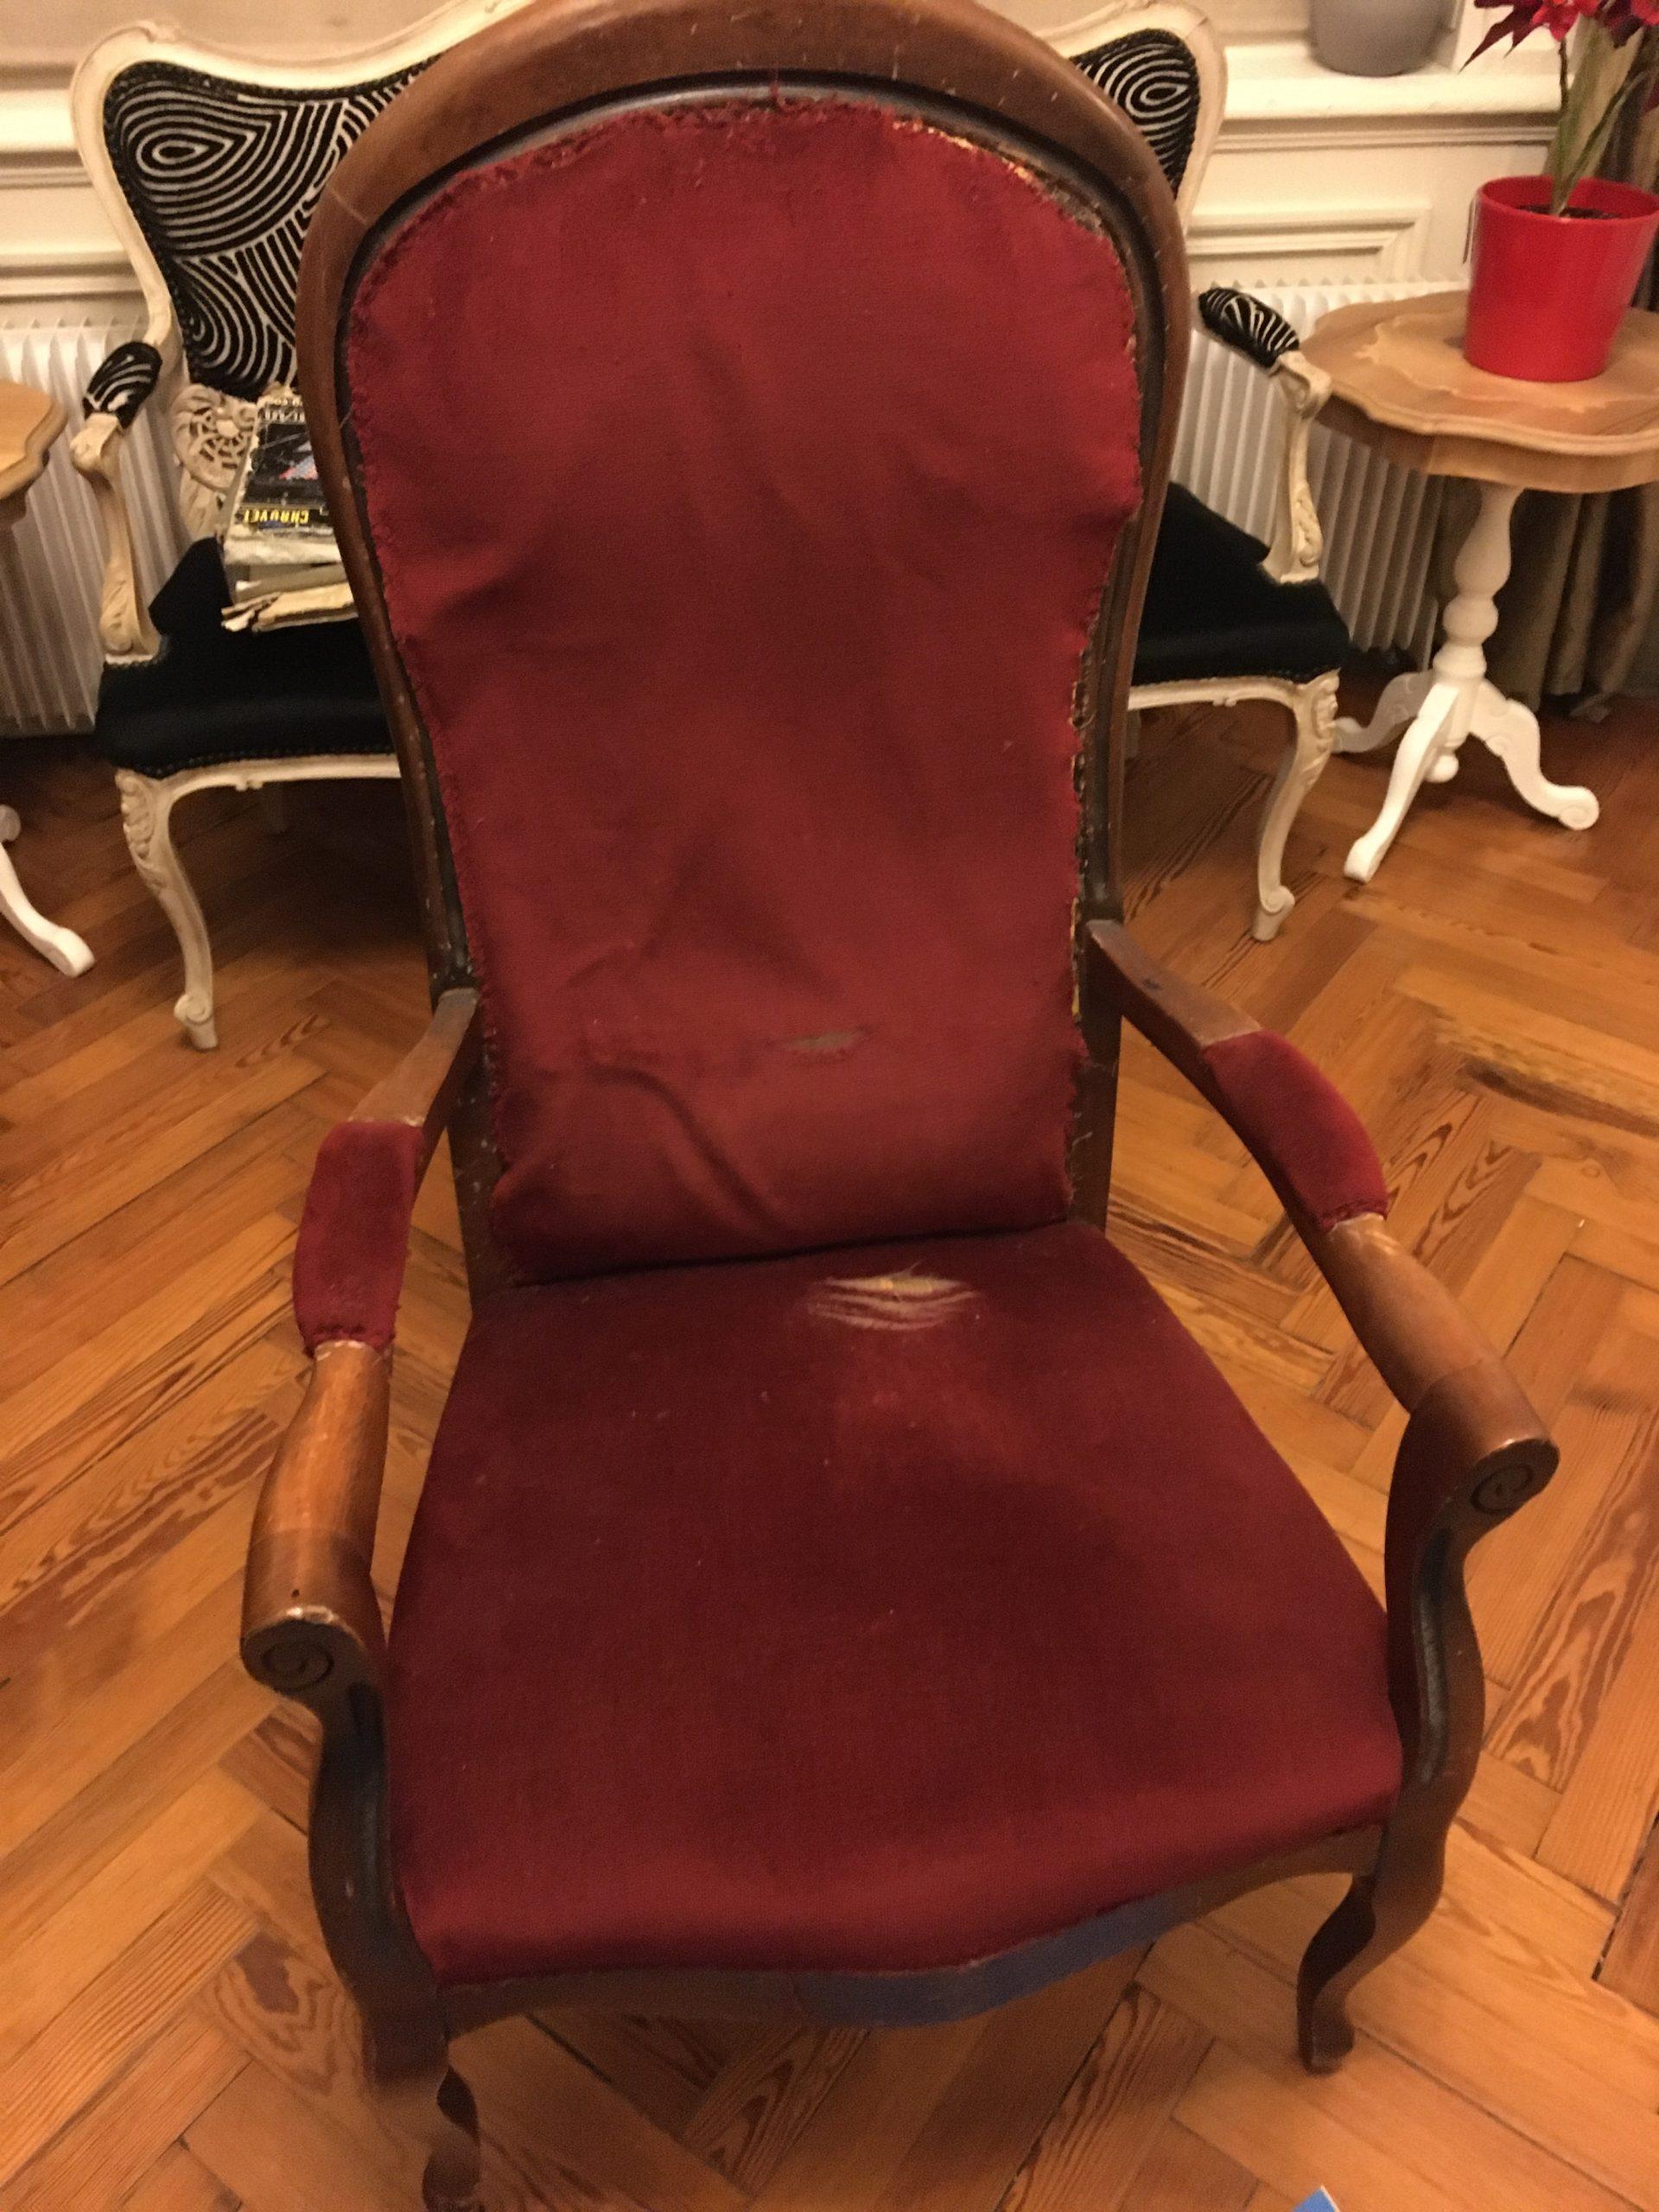 fauteuil voltaire réfection restauration Elahe Deco lille haut de France